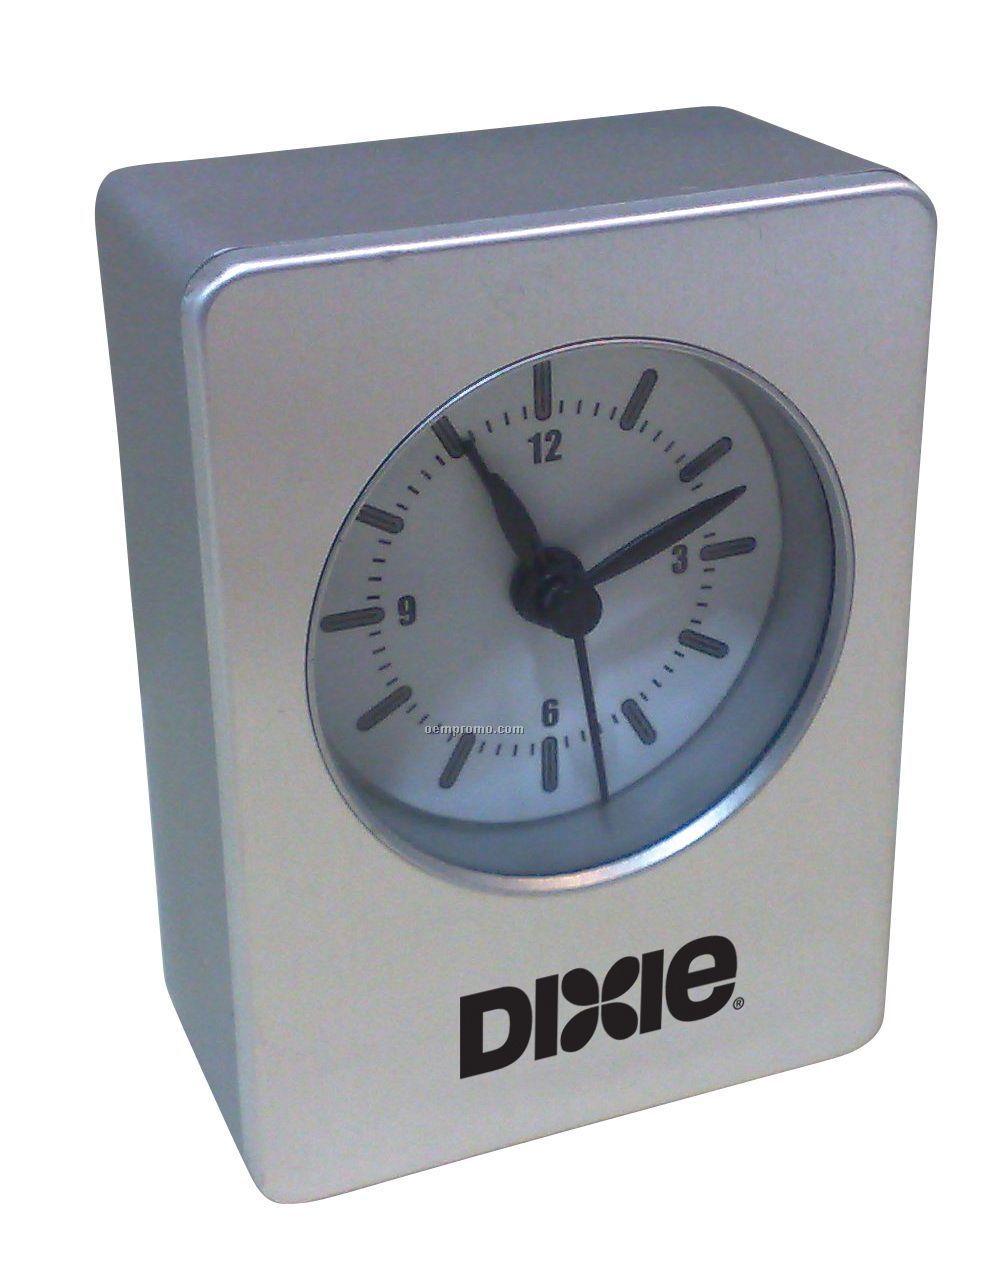 Aluminum Analog Alarm Clock